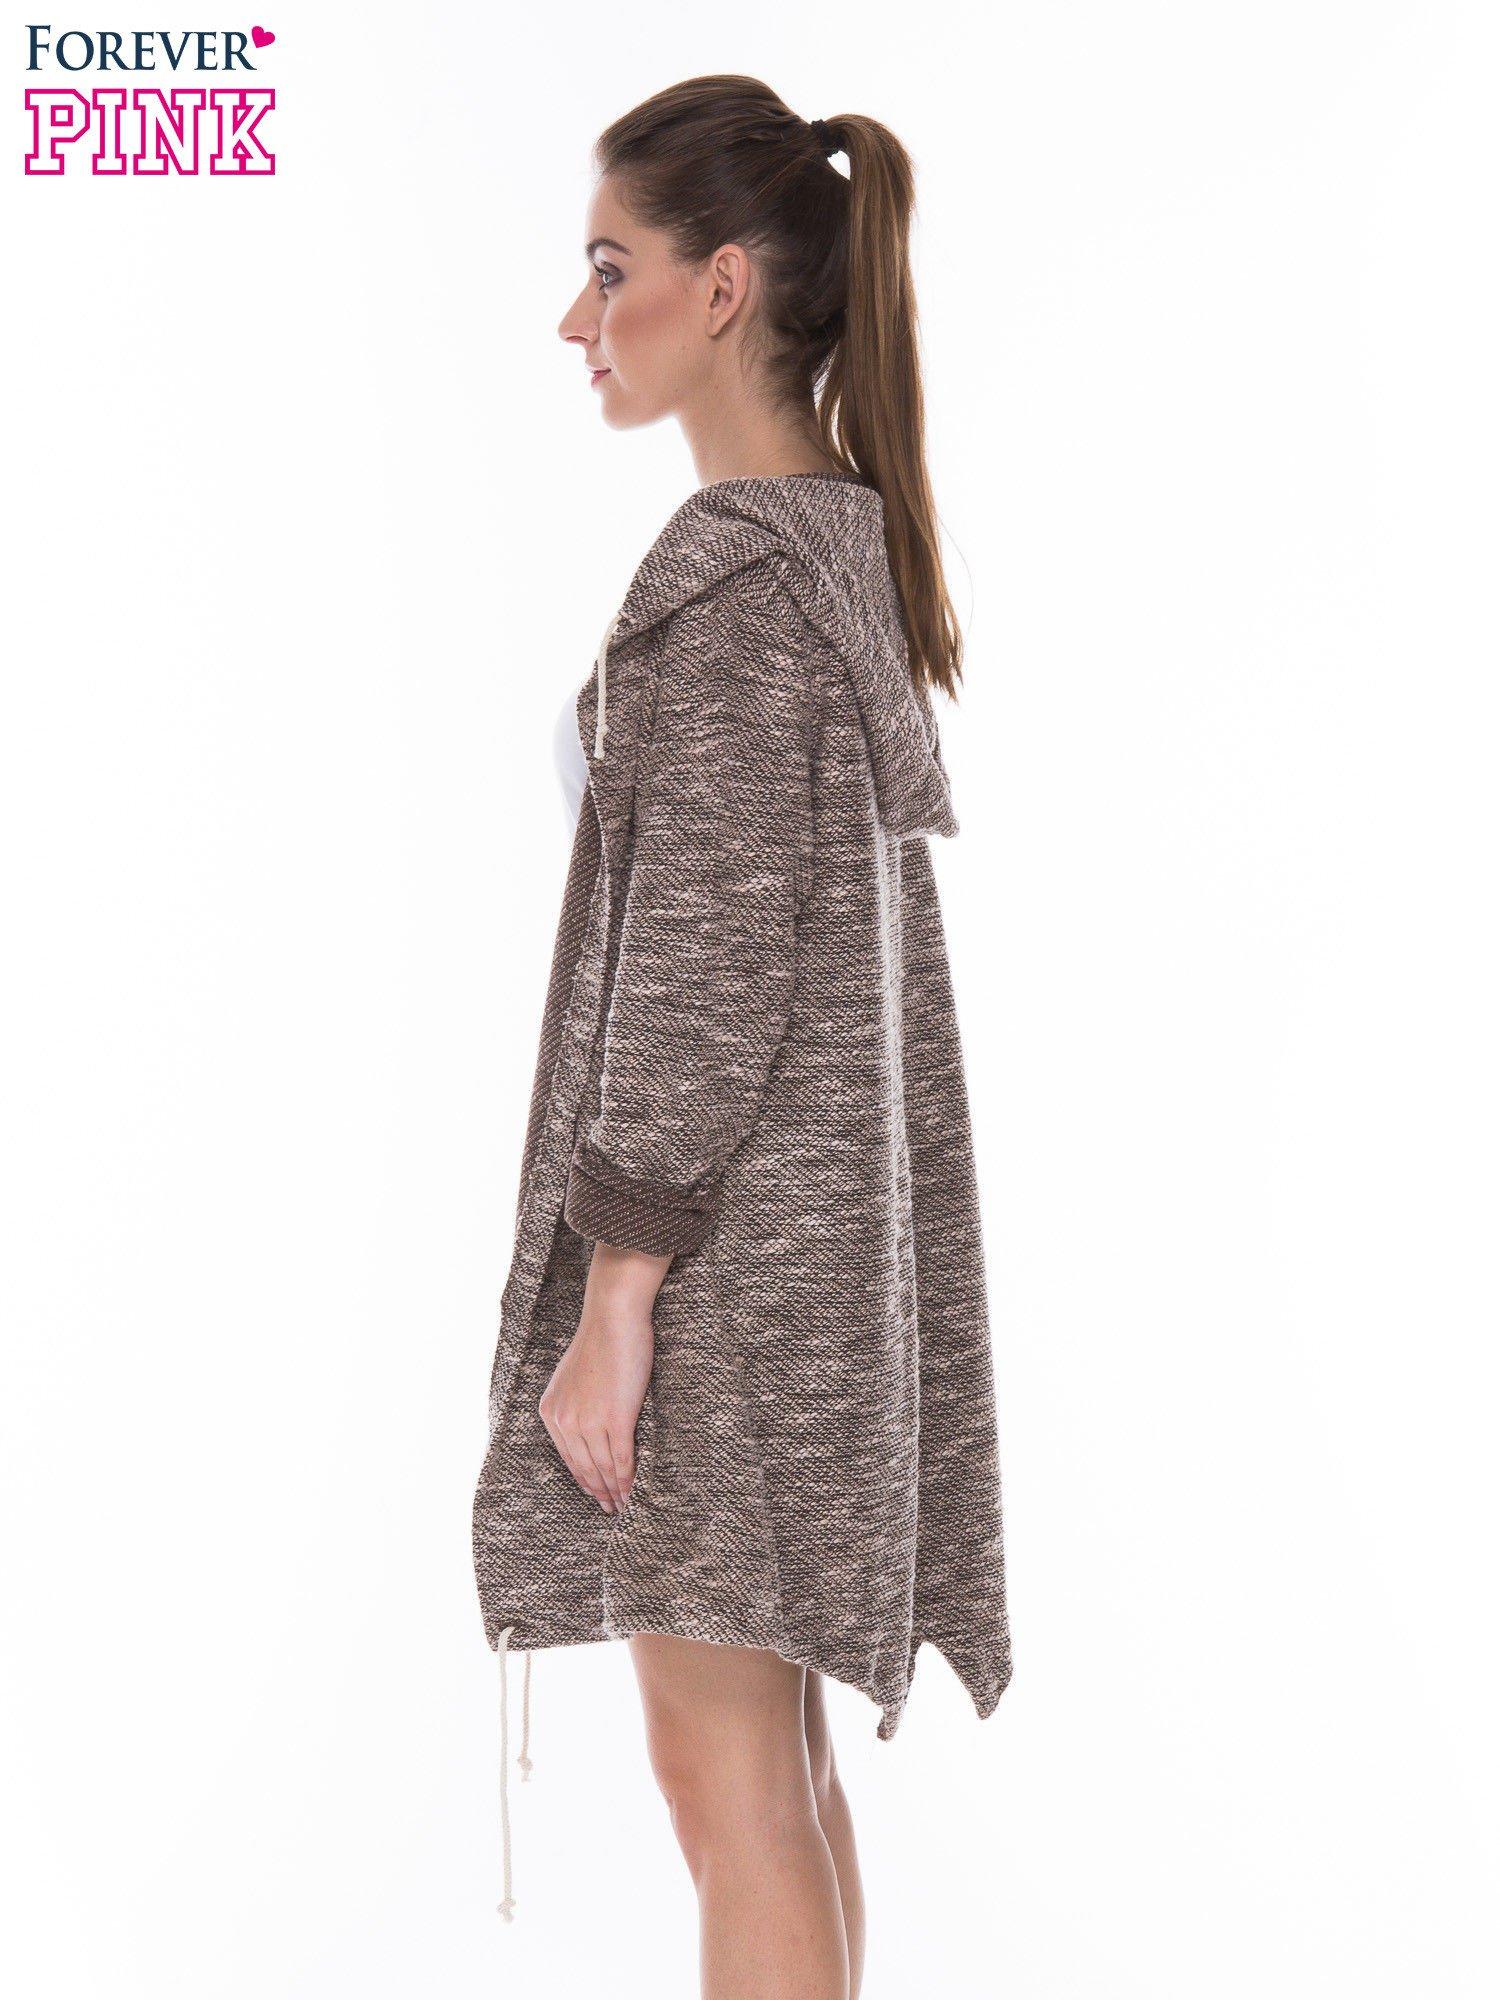 Brązowomelanżowa rozpinana bluza z kapturem ściągana na dole                                  zdj.                                  3